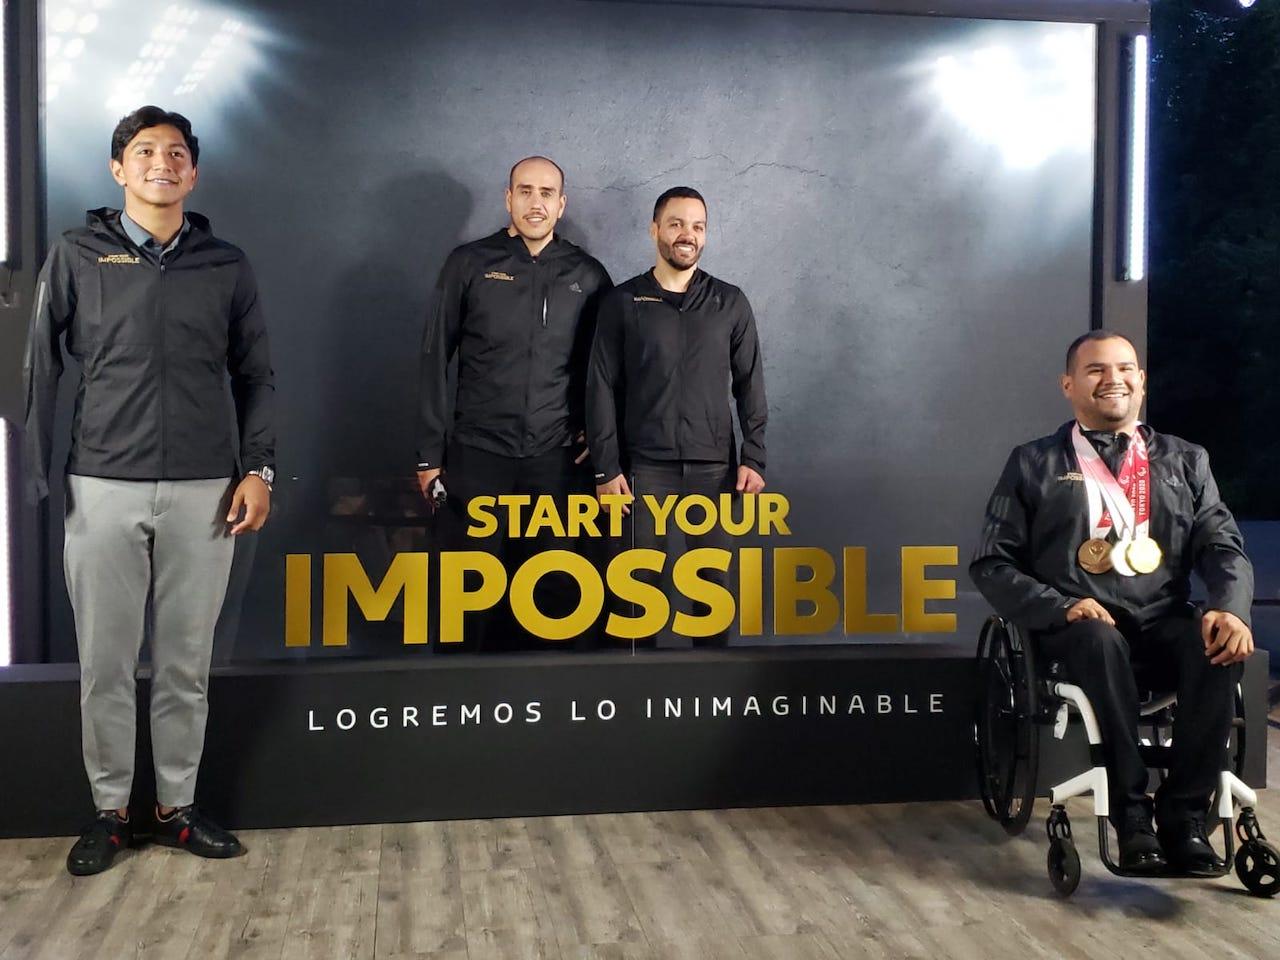 ¿Qué harías para lograr lo imposible? Toyota reconoce a medallistas paralímpicos mexicanos